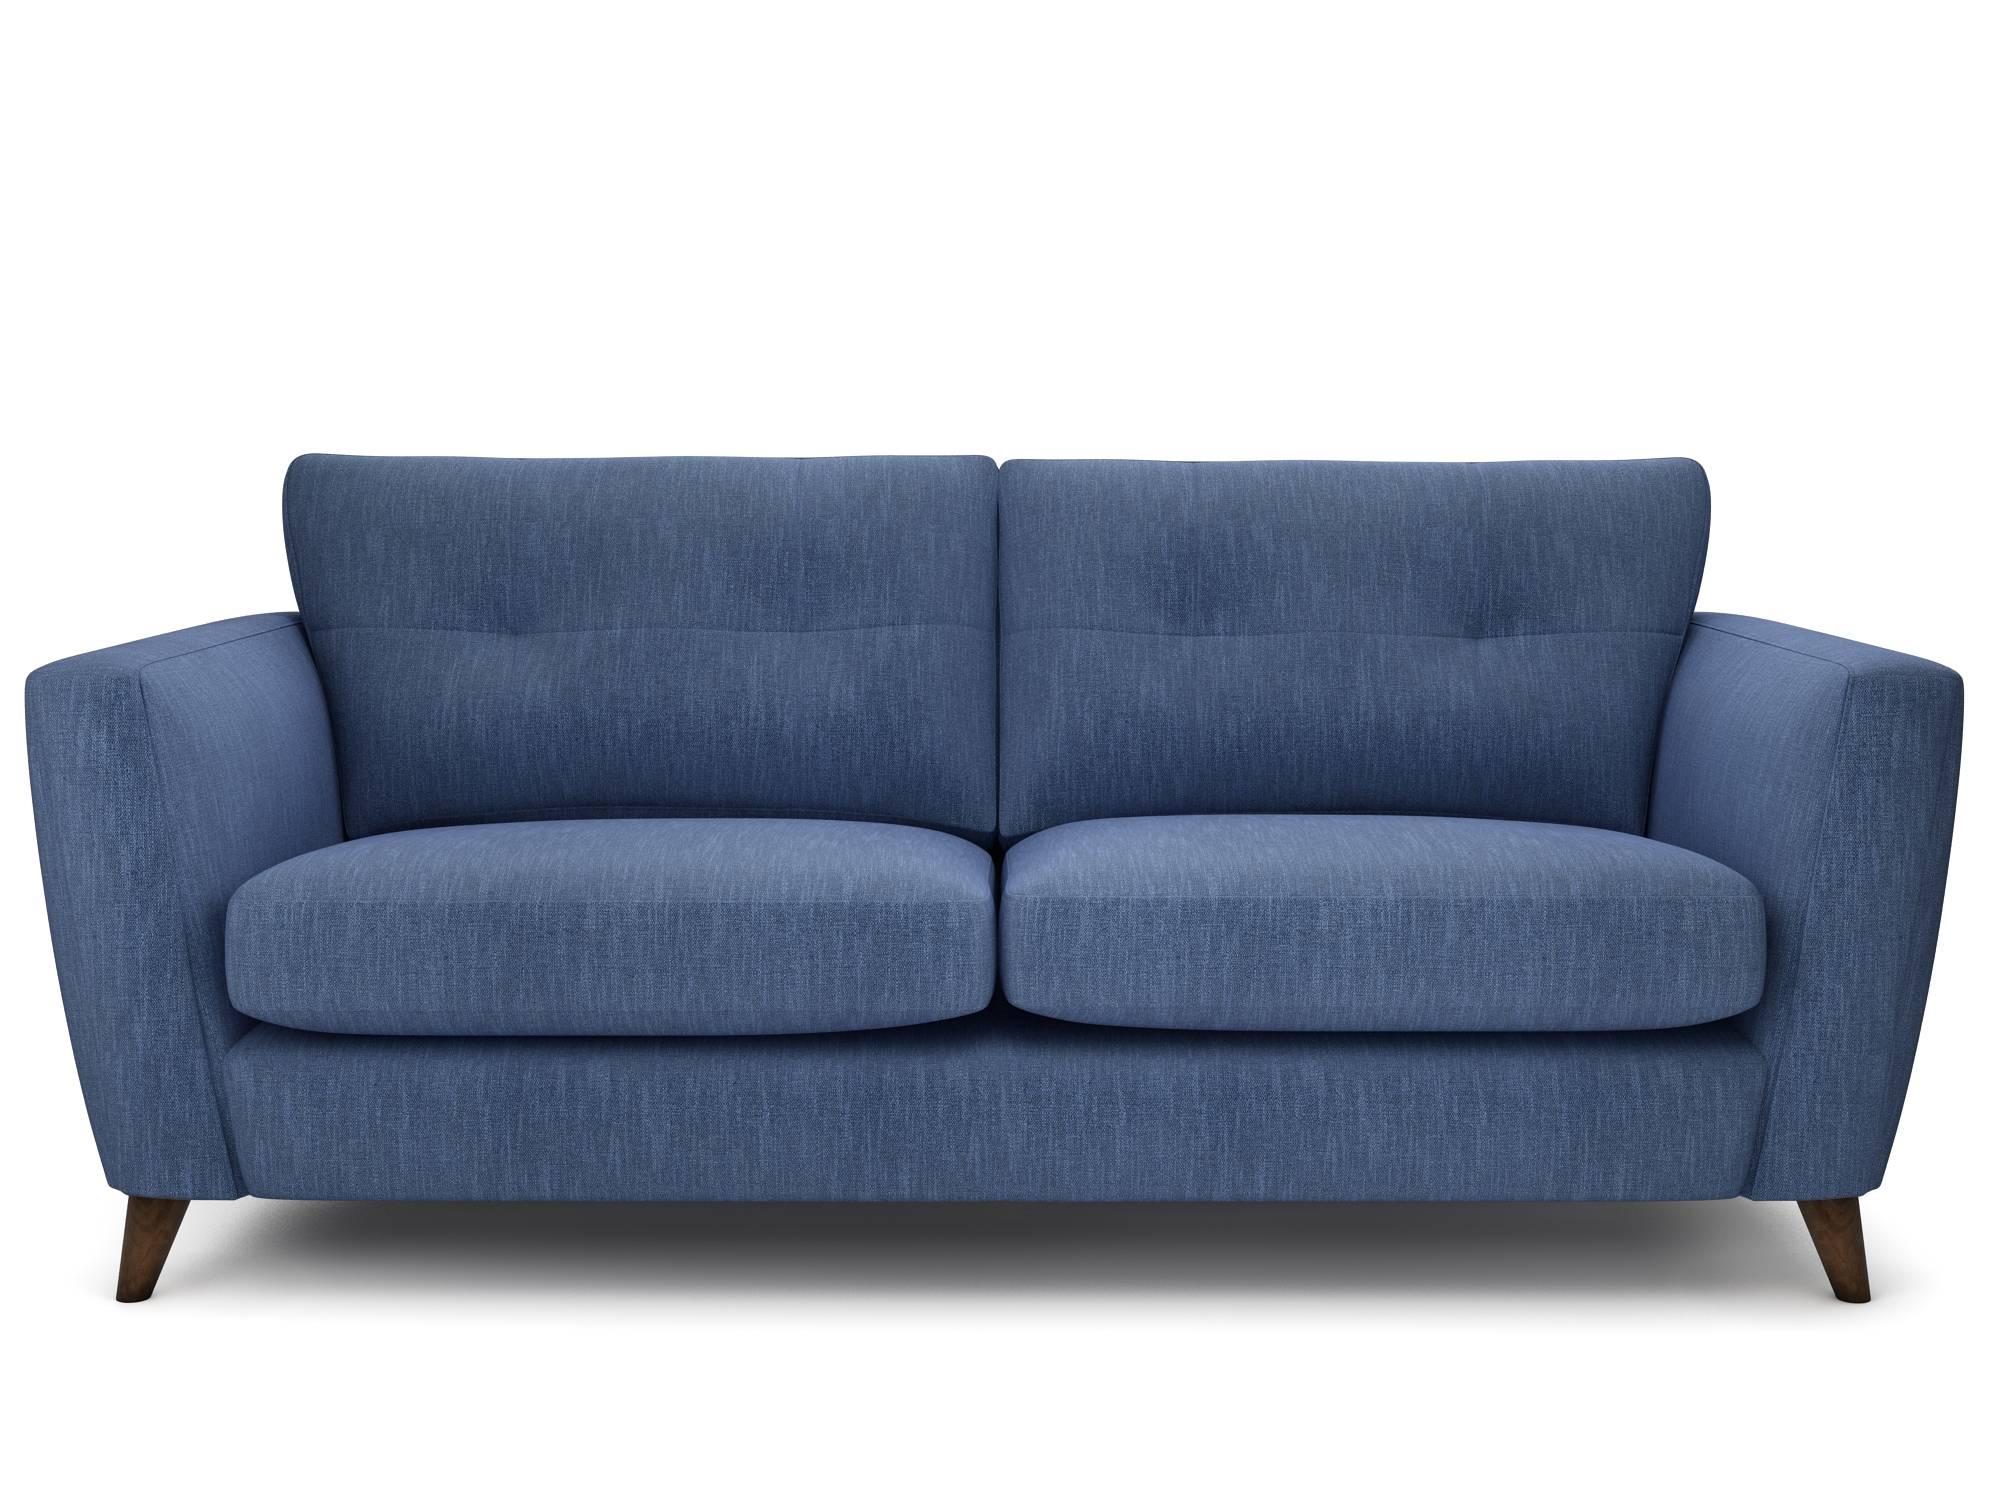 Sofas | Blue Sofas within Blue Sofas (Image 13 of 15)